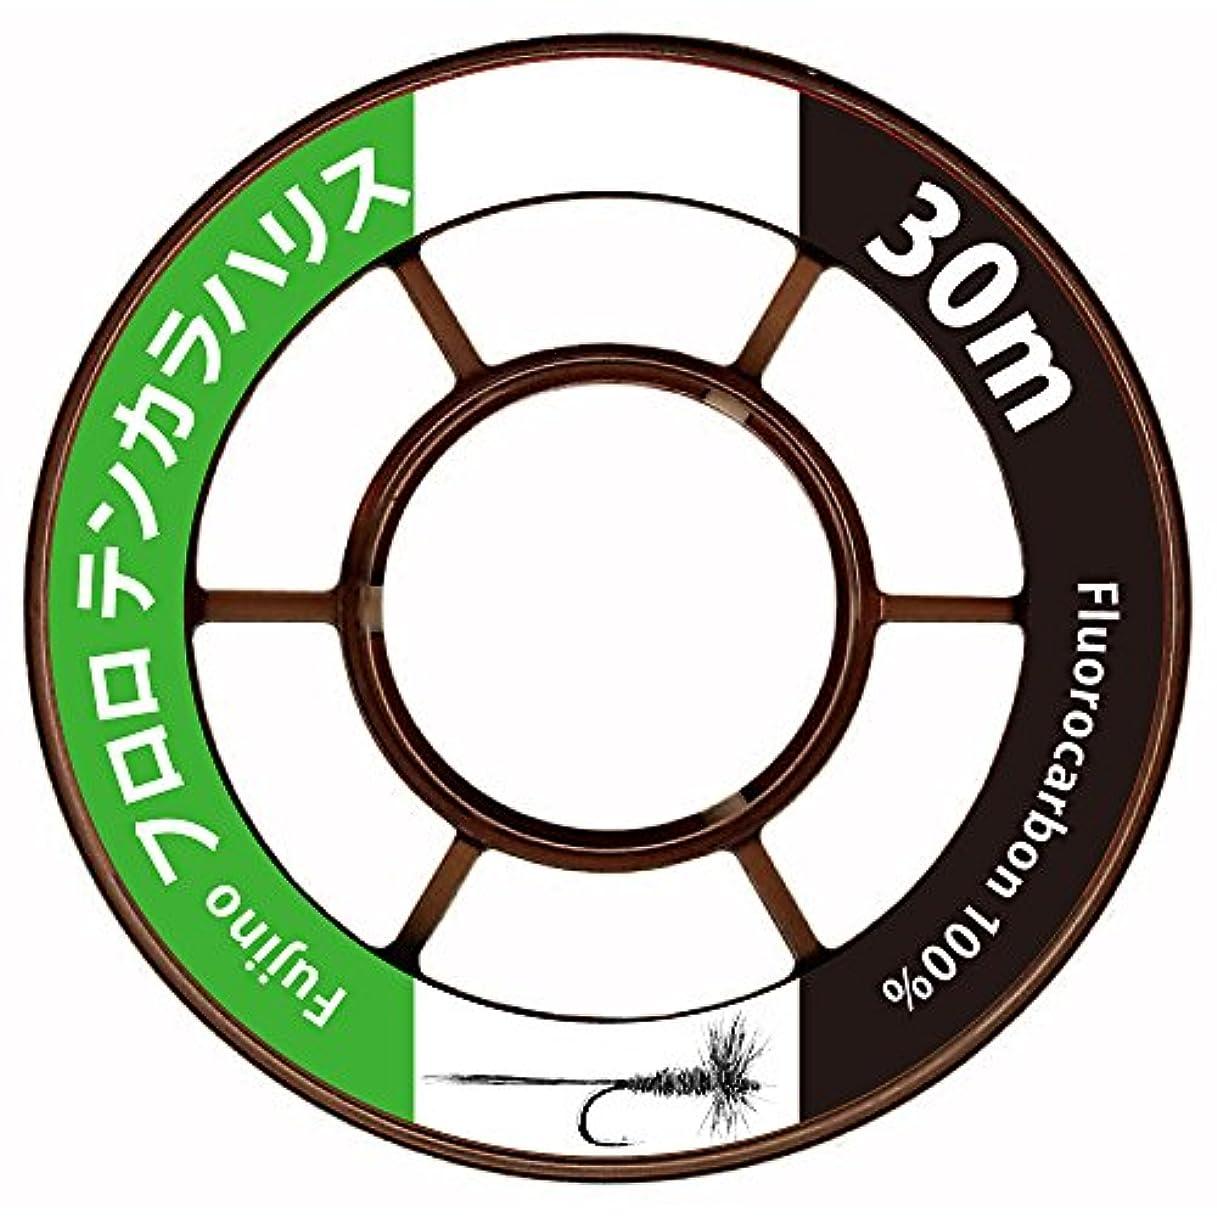 接ぎ木トランスミッション直接Fujino(フジノ) ライン フロロテンカラハリス 0.5号